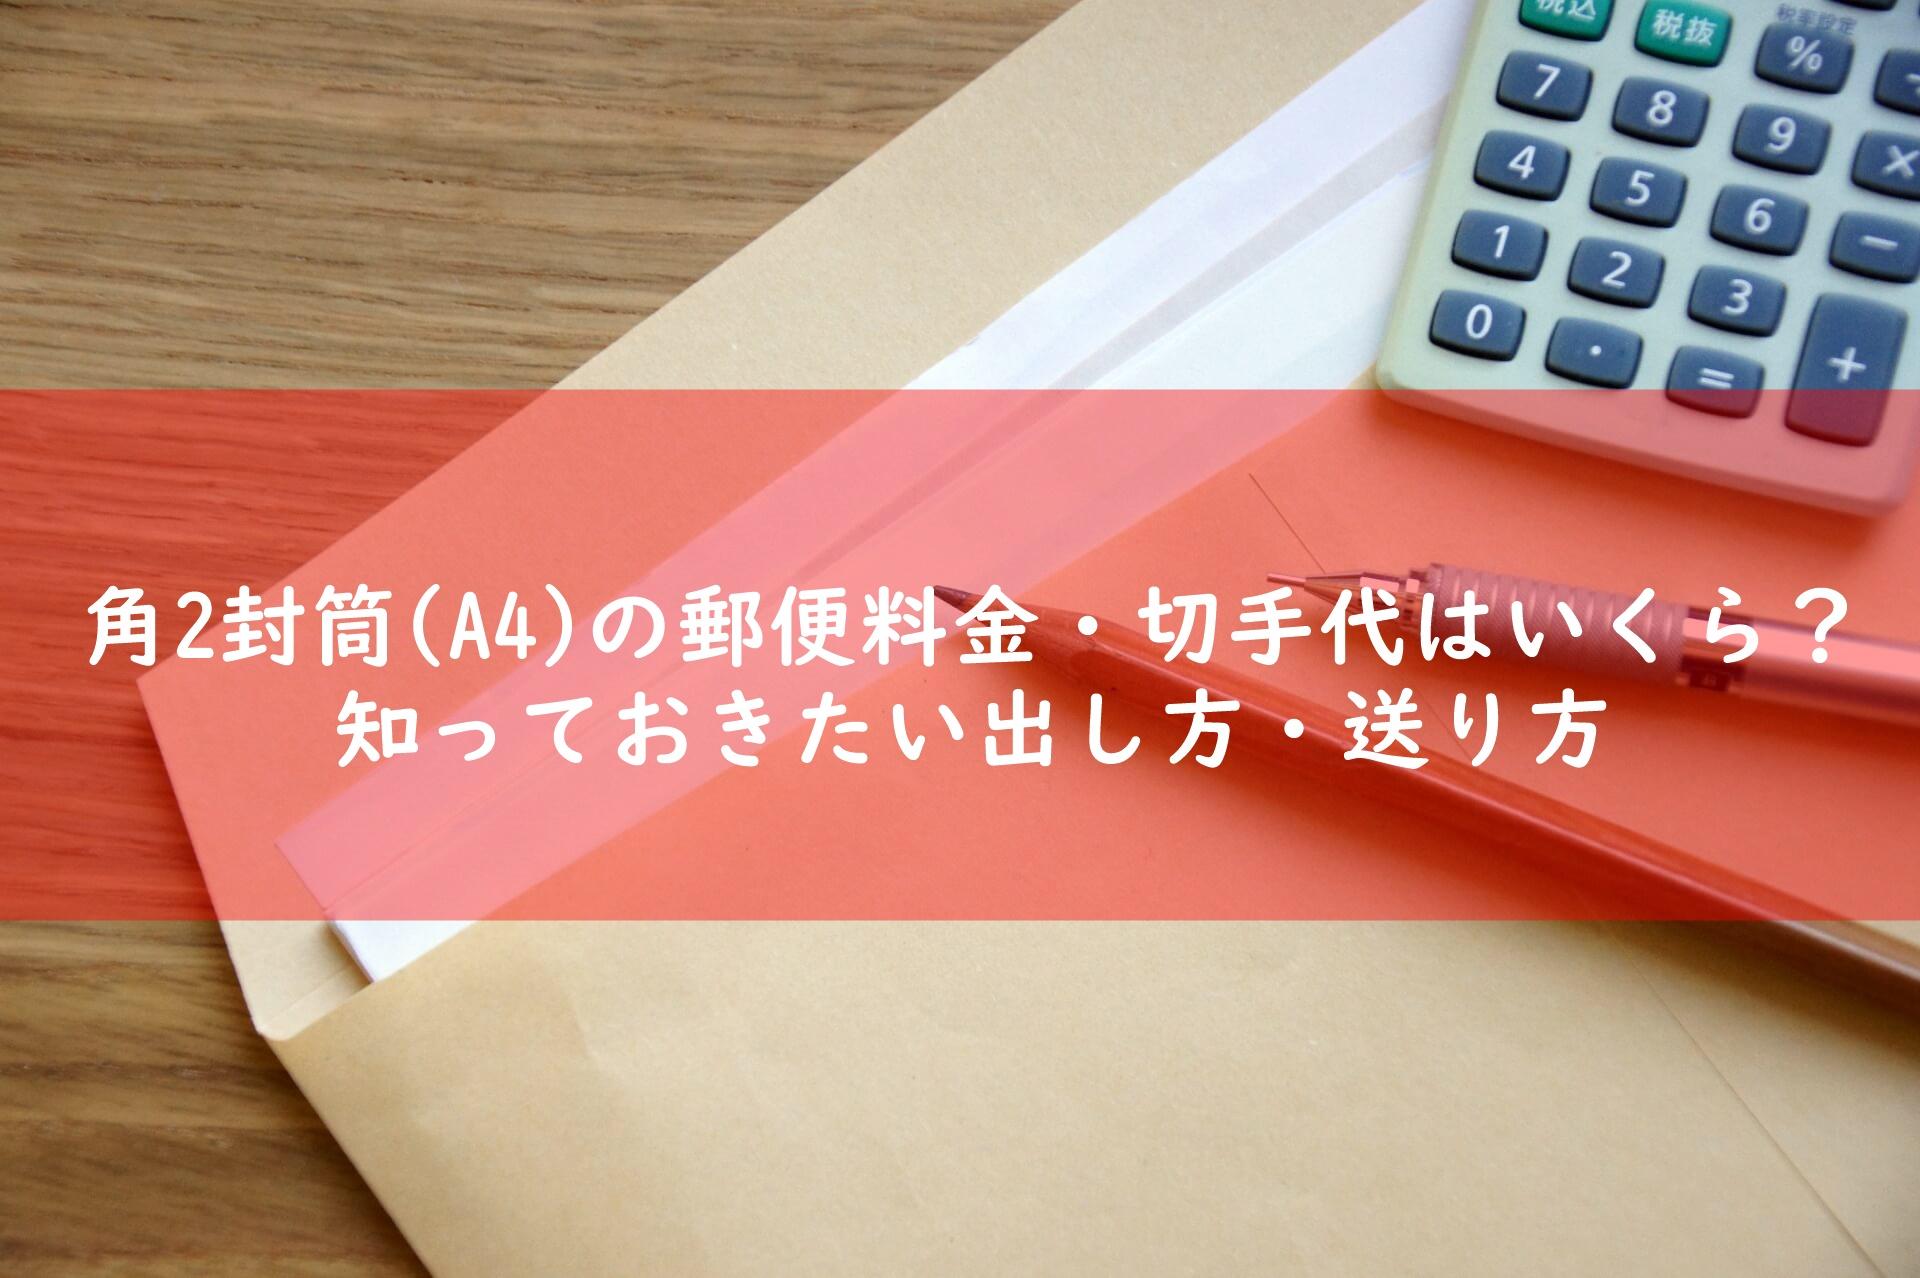 郵便 料金 a4